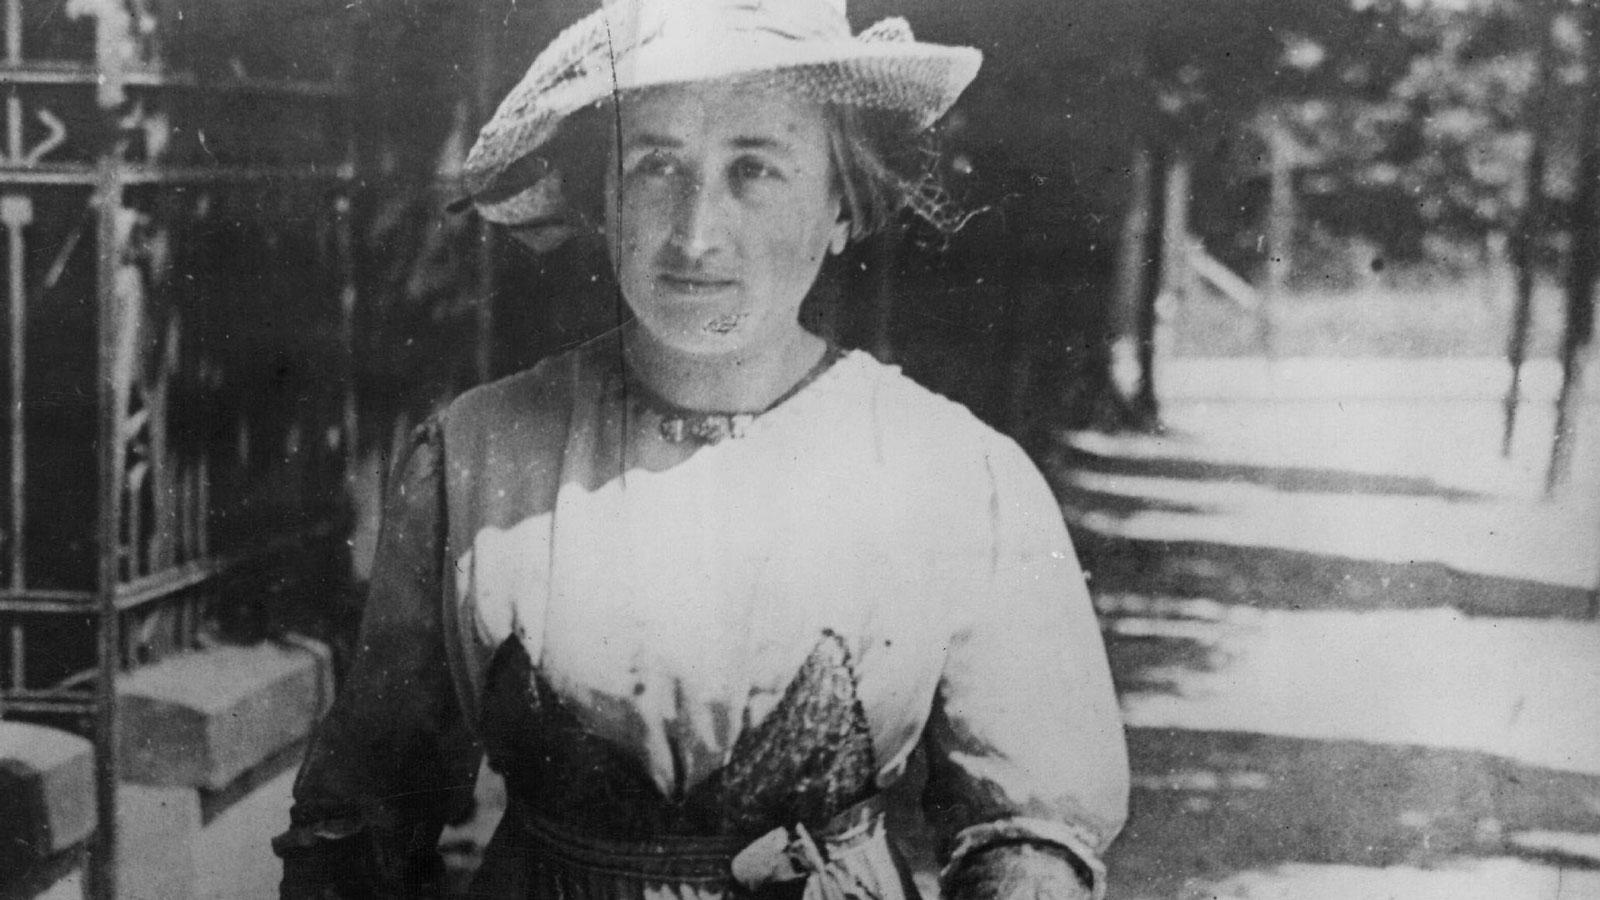 Rosa Luxemburg on the street